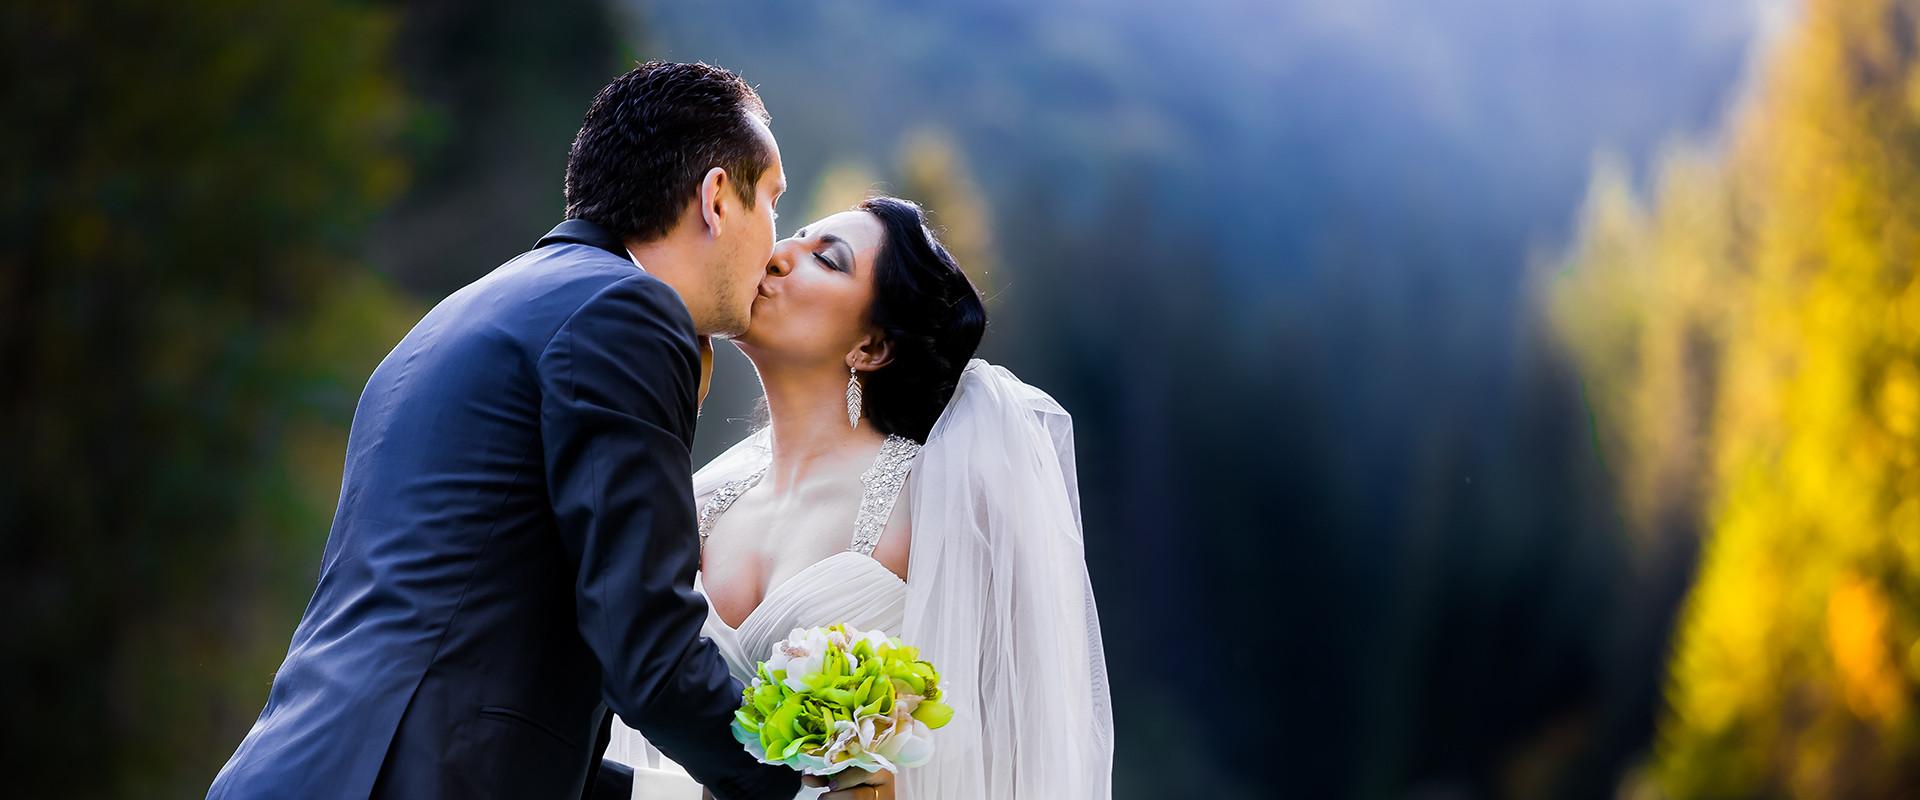 Fotograf nunta Iasi, Fotograf iasi, Fotograf, cristi timofte, fotograf de nunta